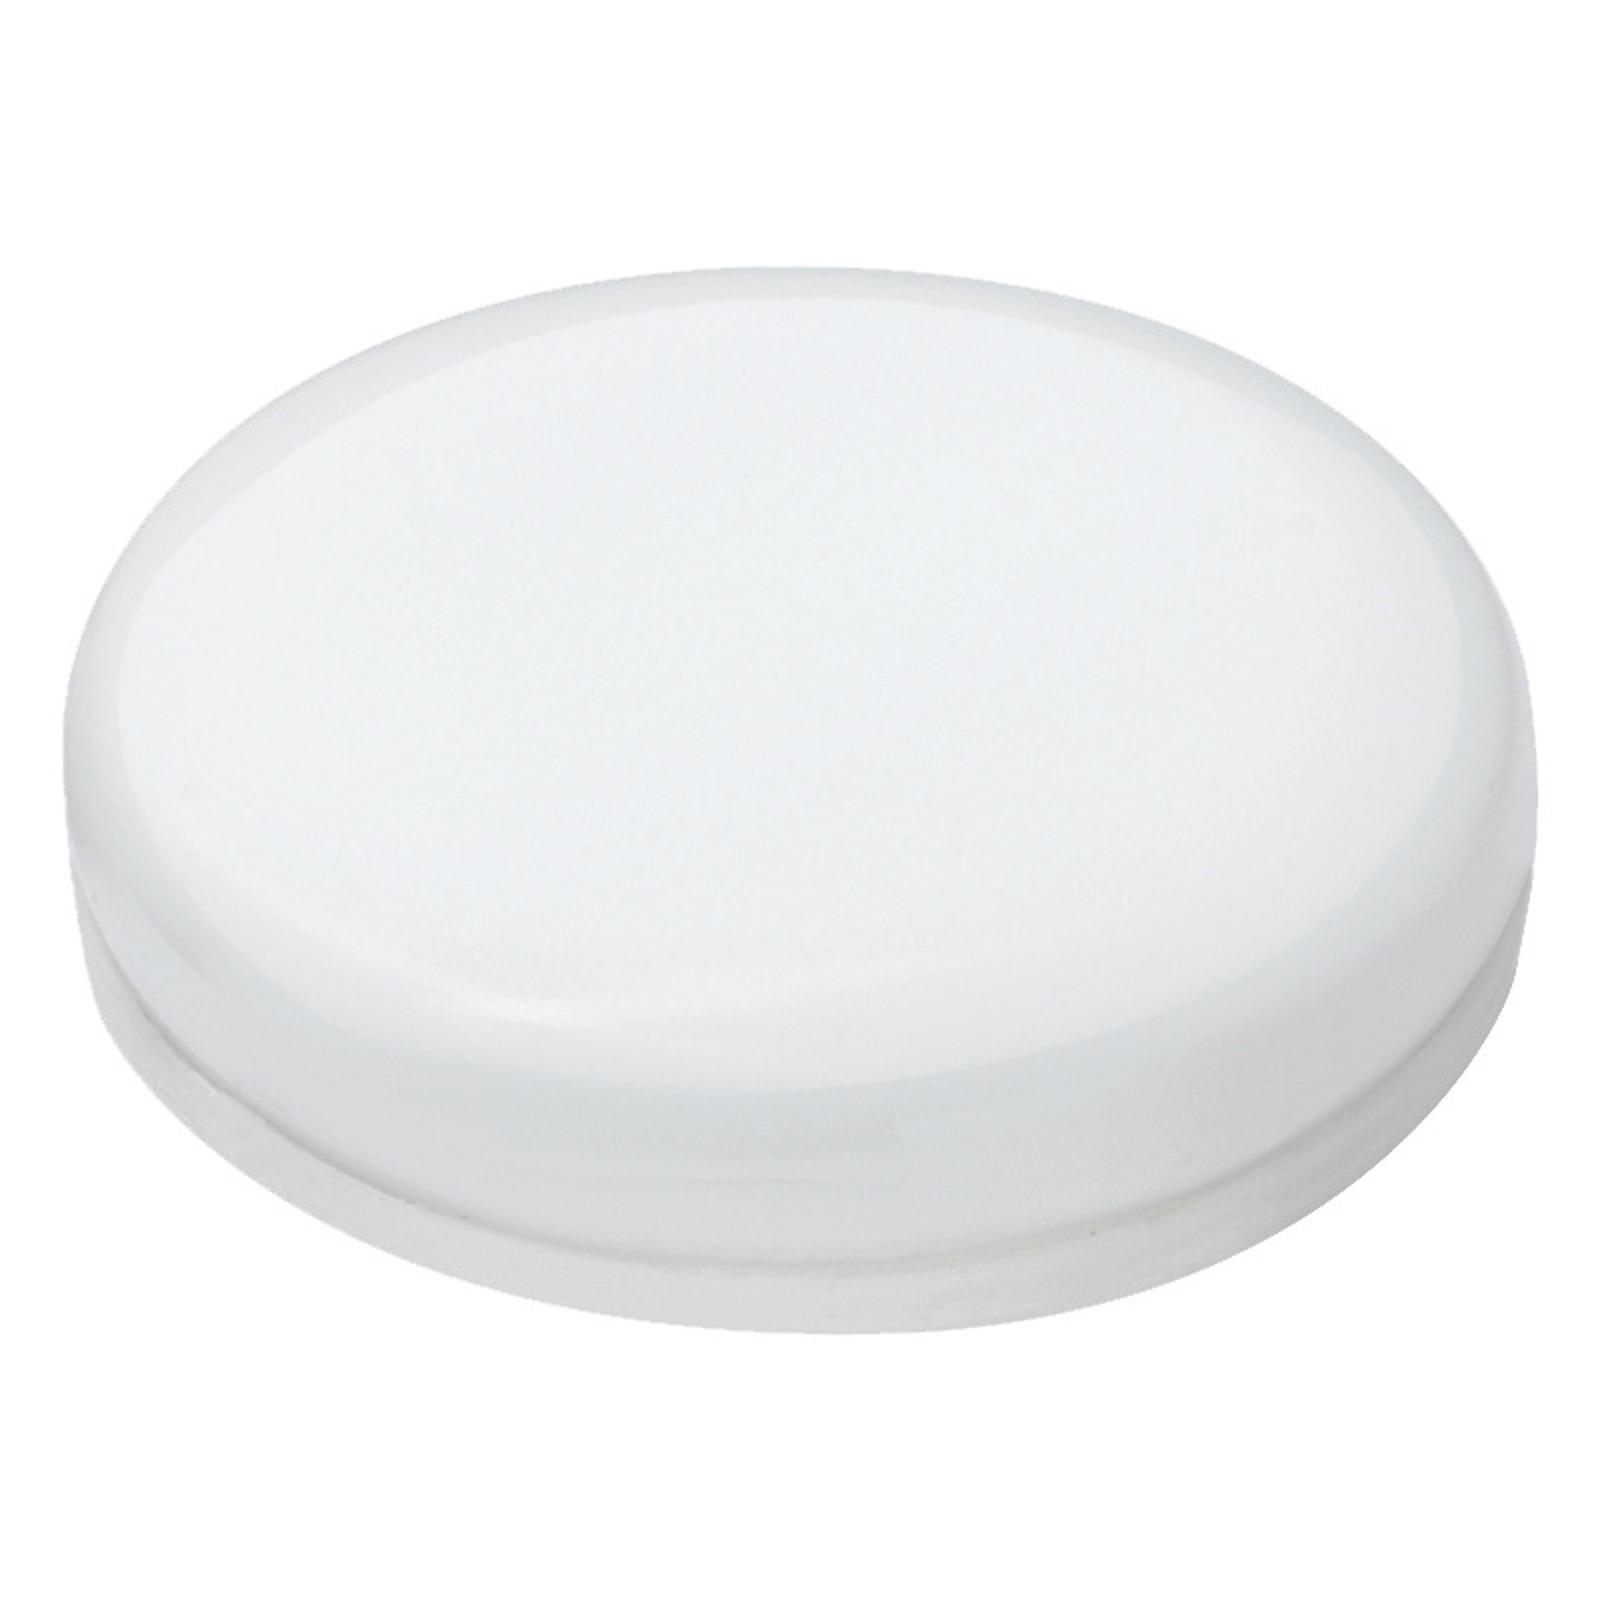 Żarówka LED GX53 6,5W ciepła biel